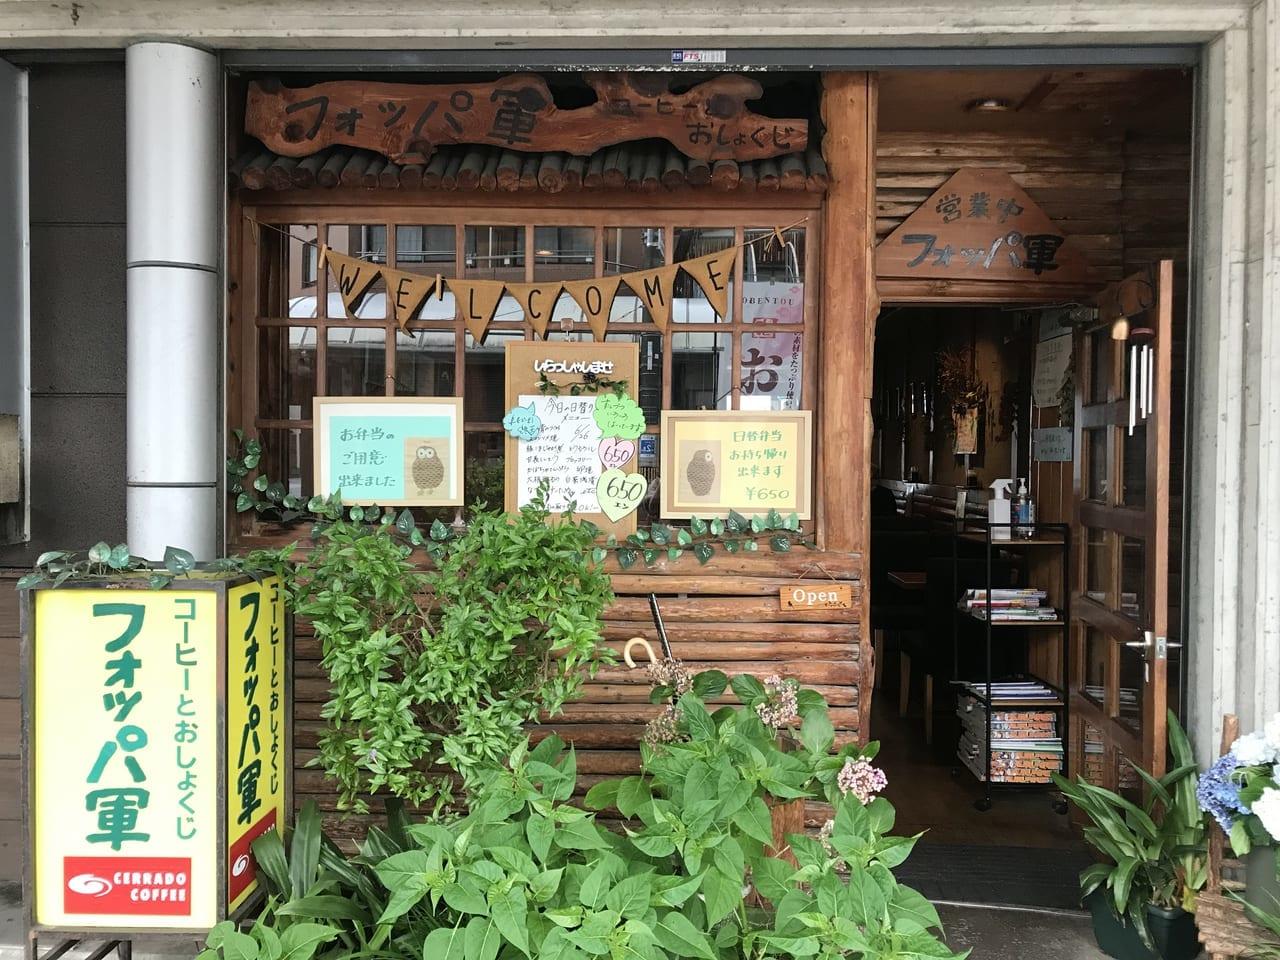 2021年6月、高知市升形商店街の喫茶店「フォッパ軍」の日替わり弁当をテイクアウト。